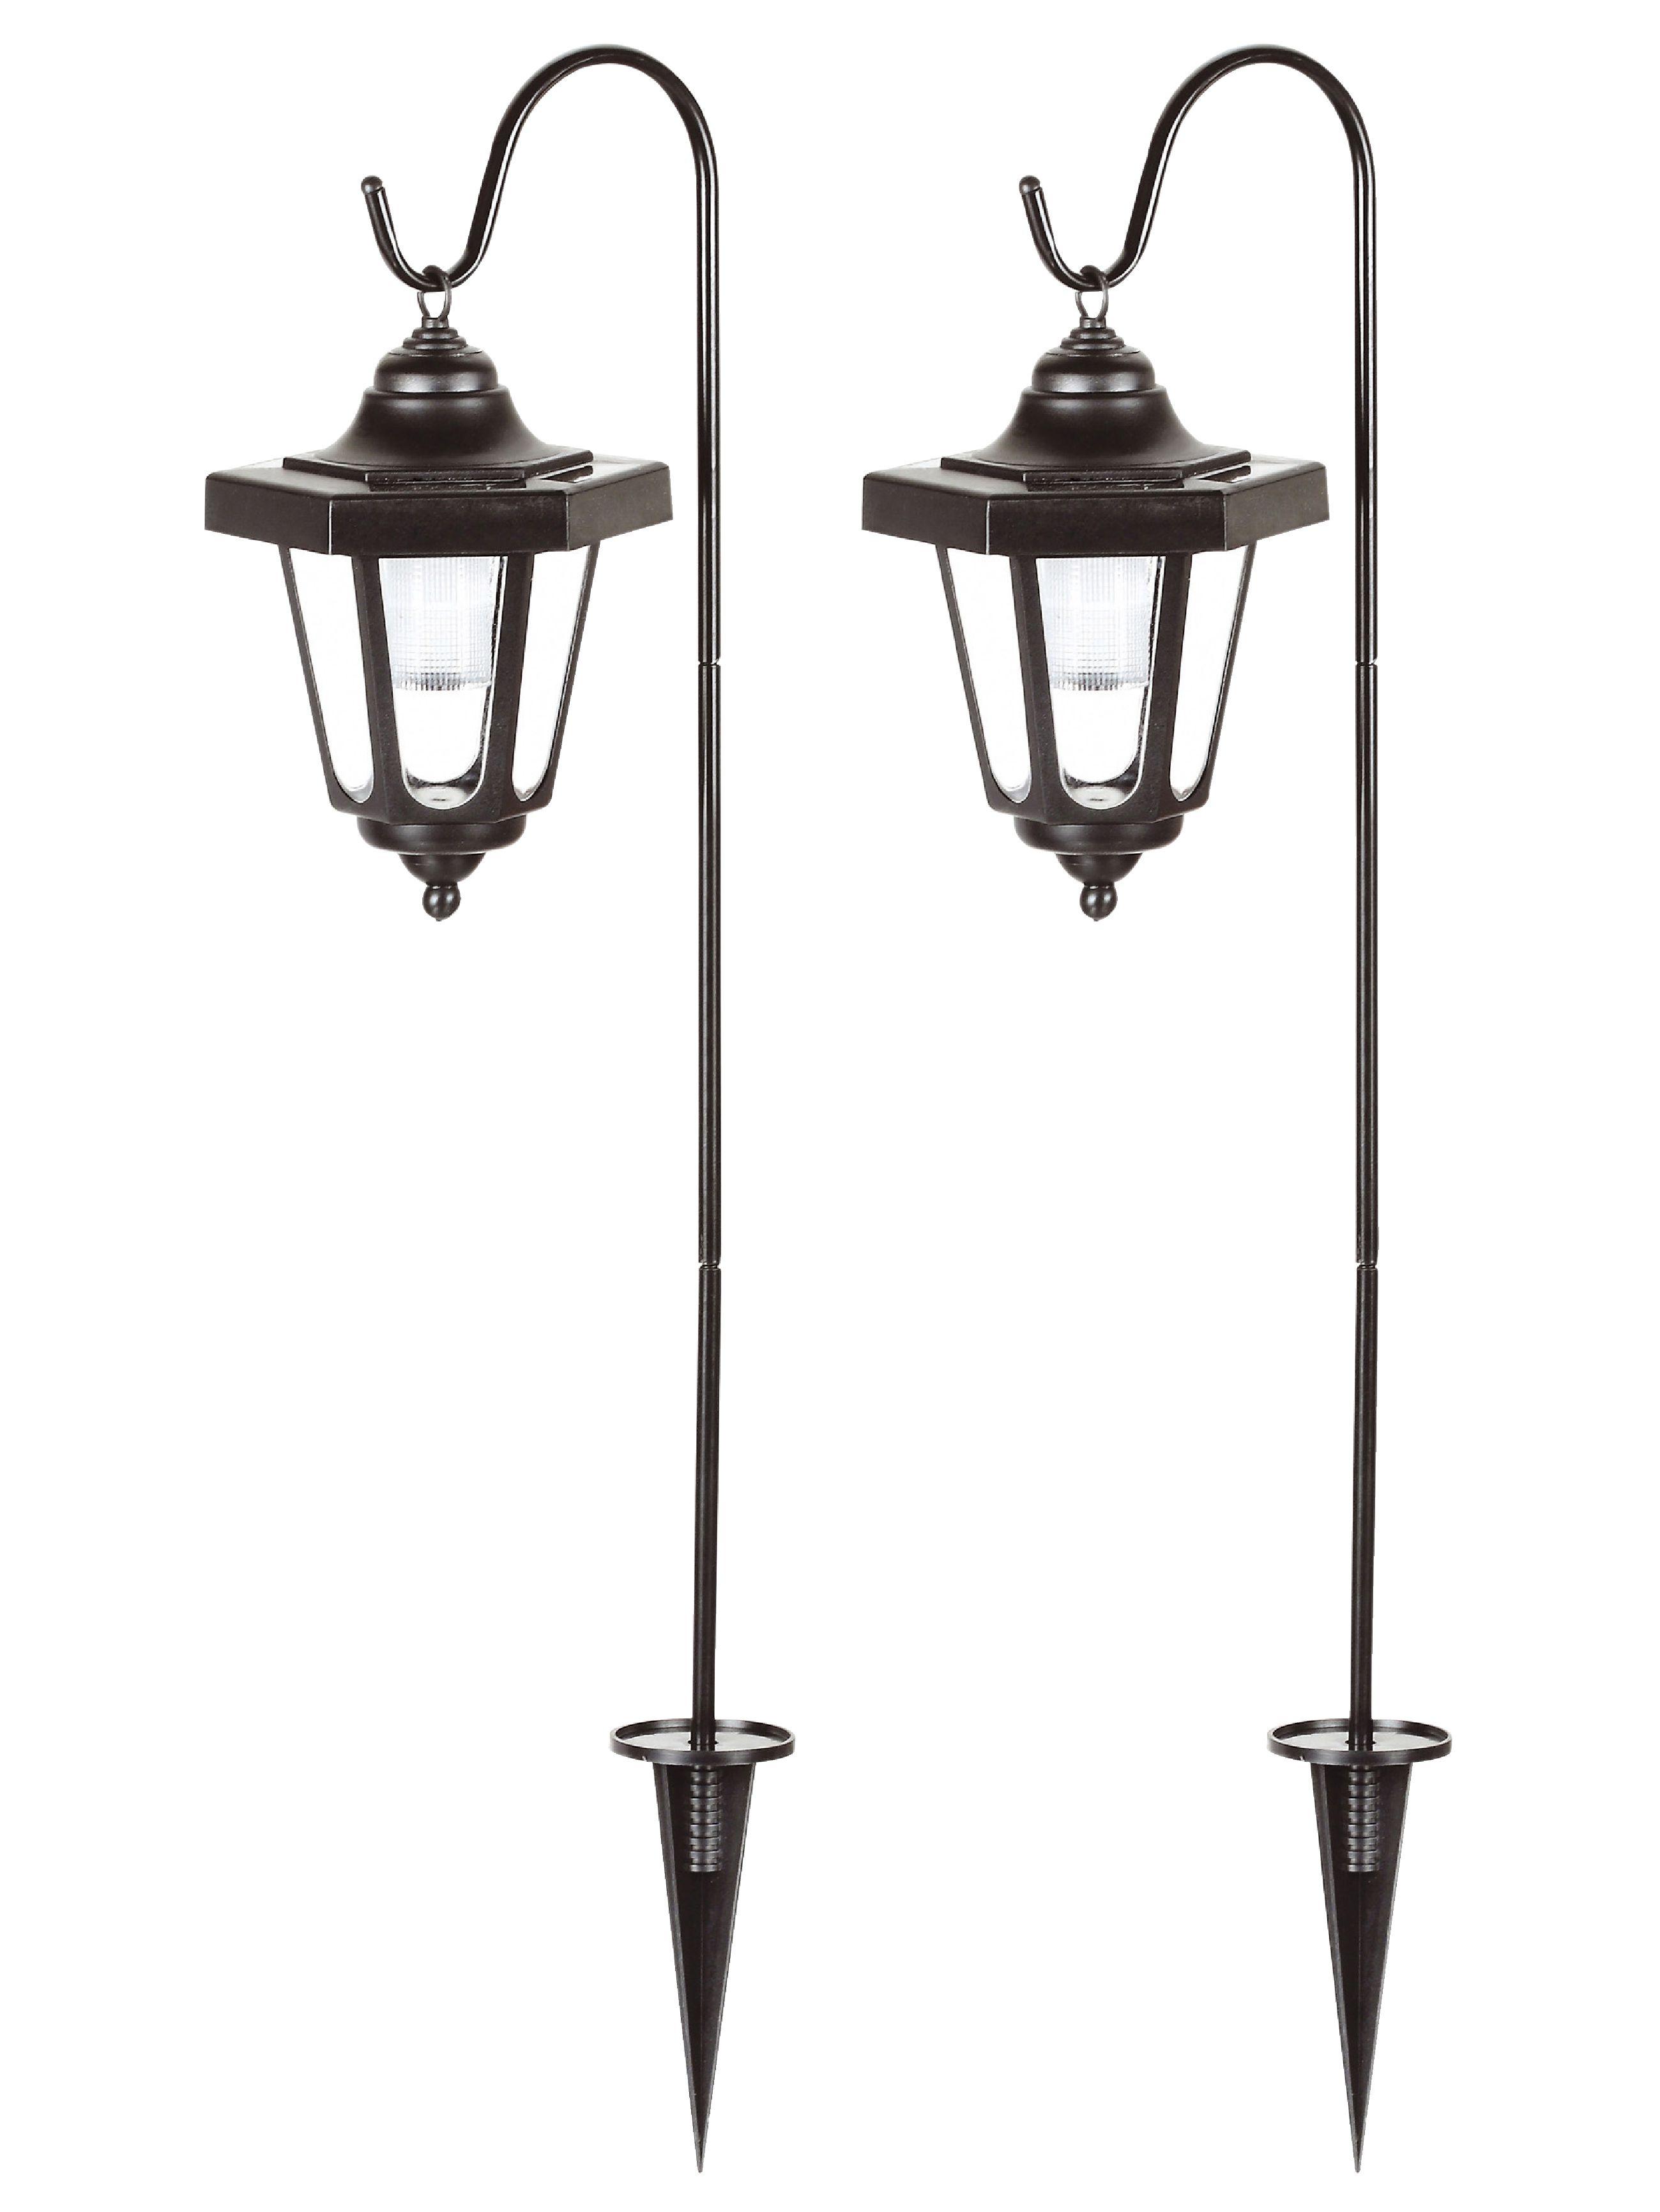 Venkovní LED solární zahradní svítidlo 2ks Ranex Claus RA-1006020